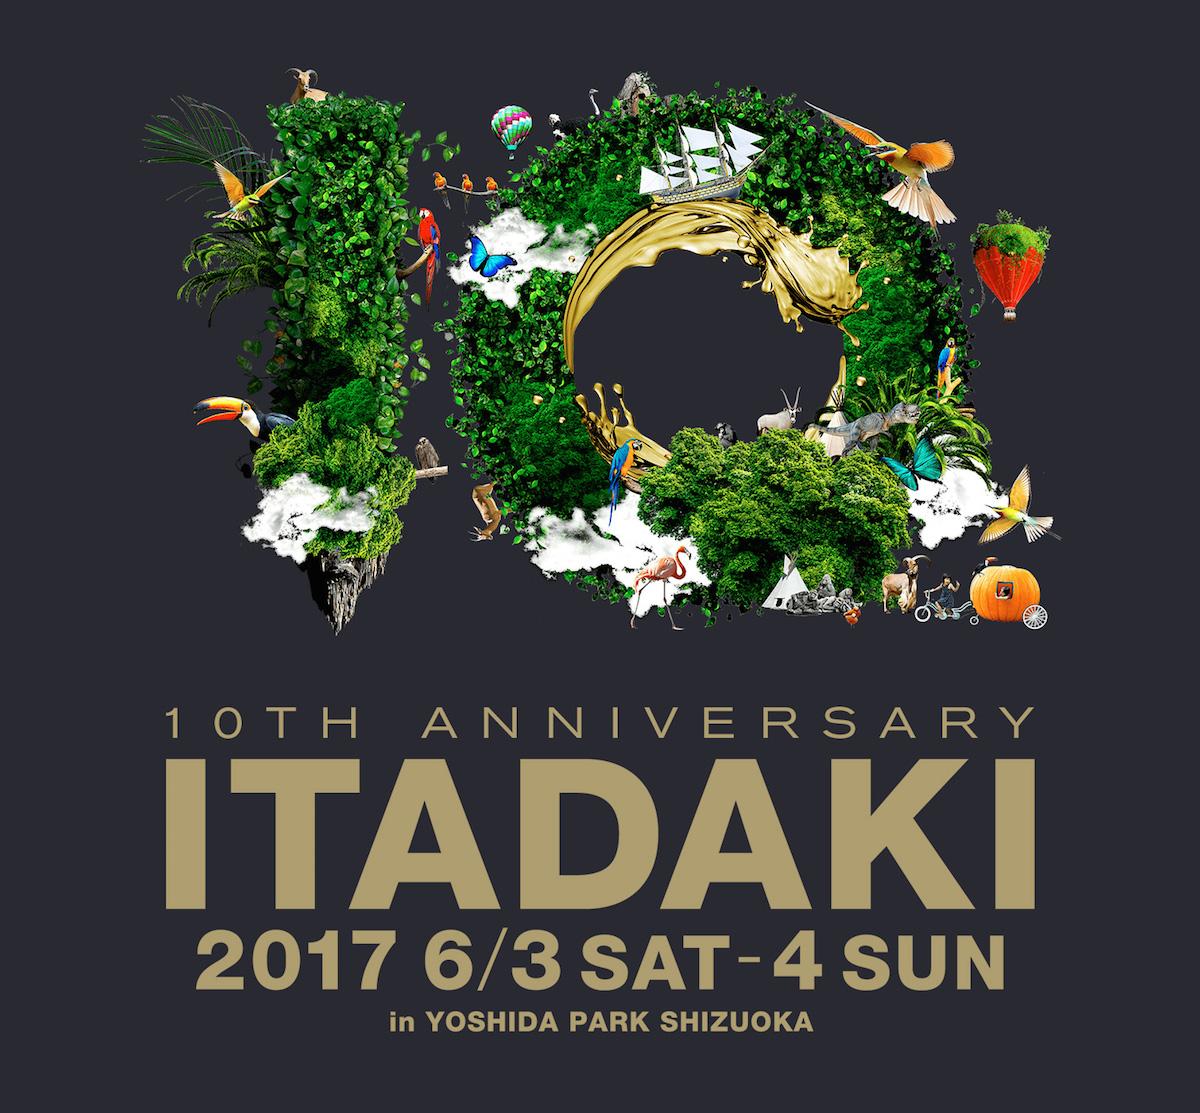 itadaki2 【2017年】注目の春夏フェス&アウトドア・イベント20選!Jeep®を体感できる試乗&展示も開催予定!